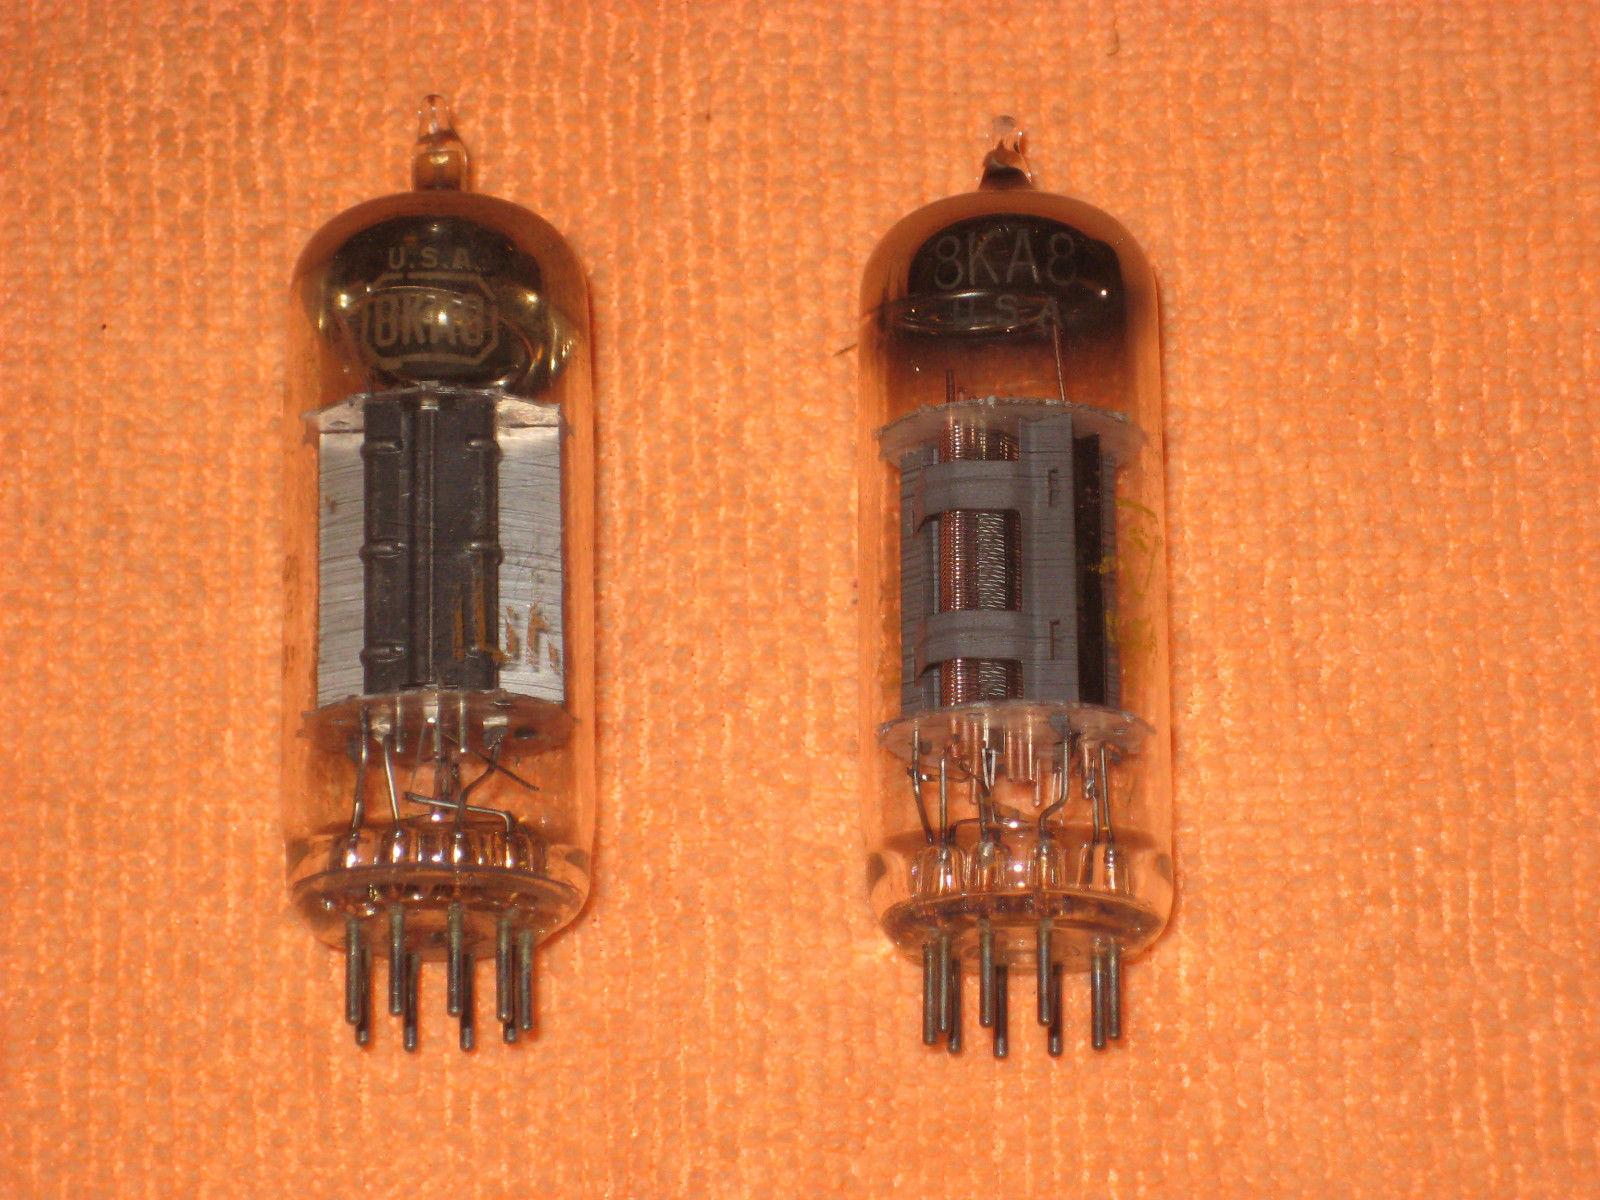 Vintage Radio Vacuum Tube (one): 8KA8 - Tested Good